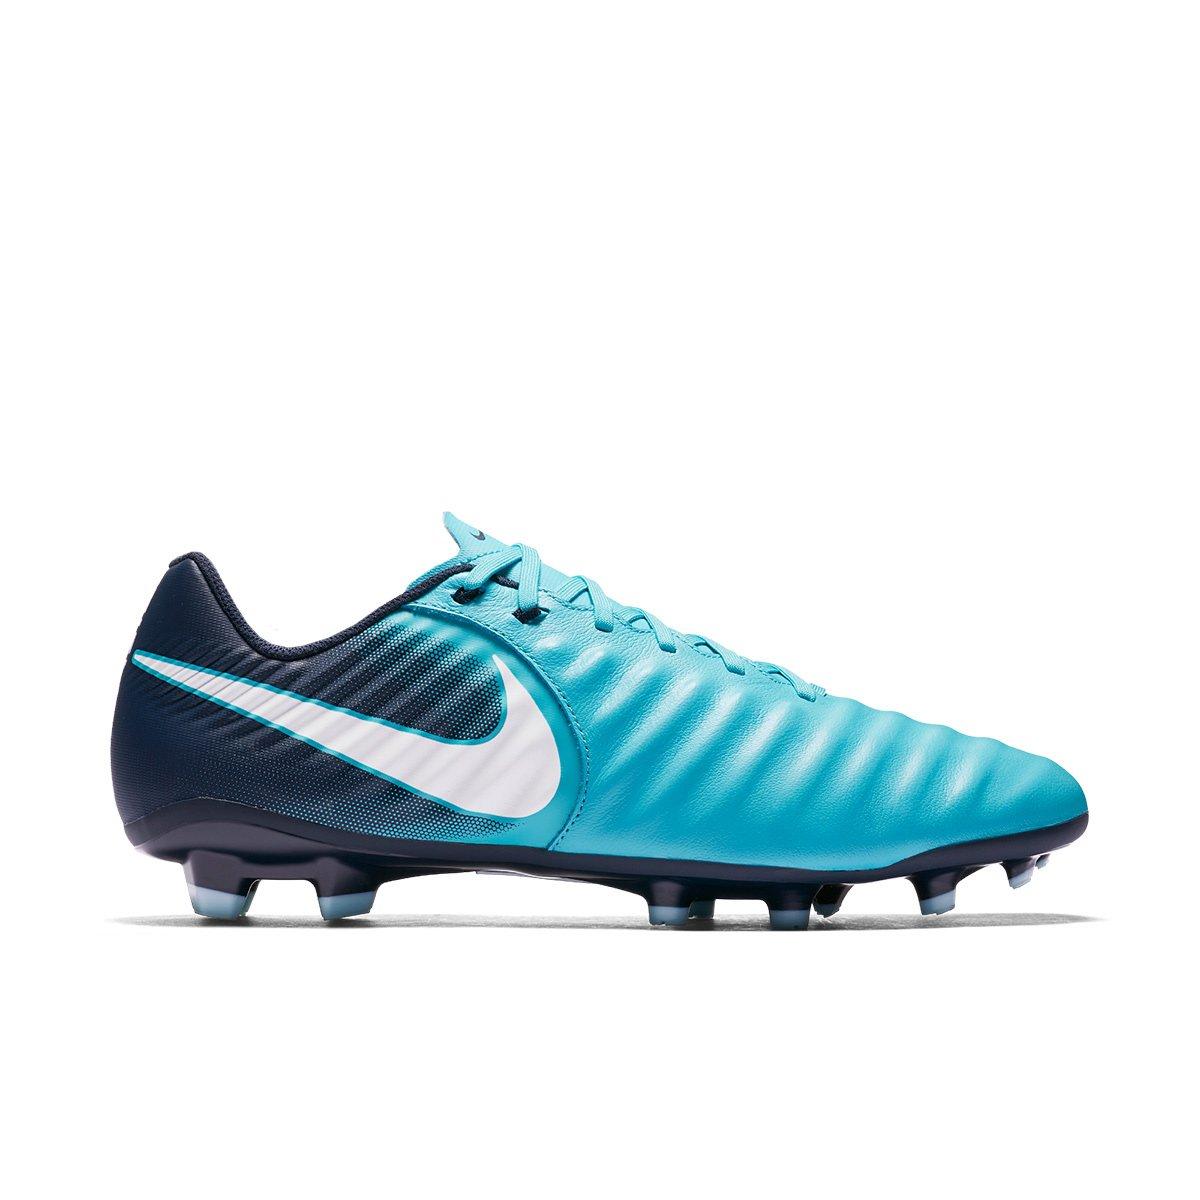 413f009e09 Chuteira Campo Nike Tiempo Ligera IV FG 897744-414 Marinho Azul